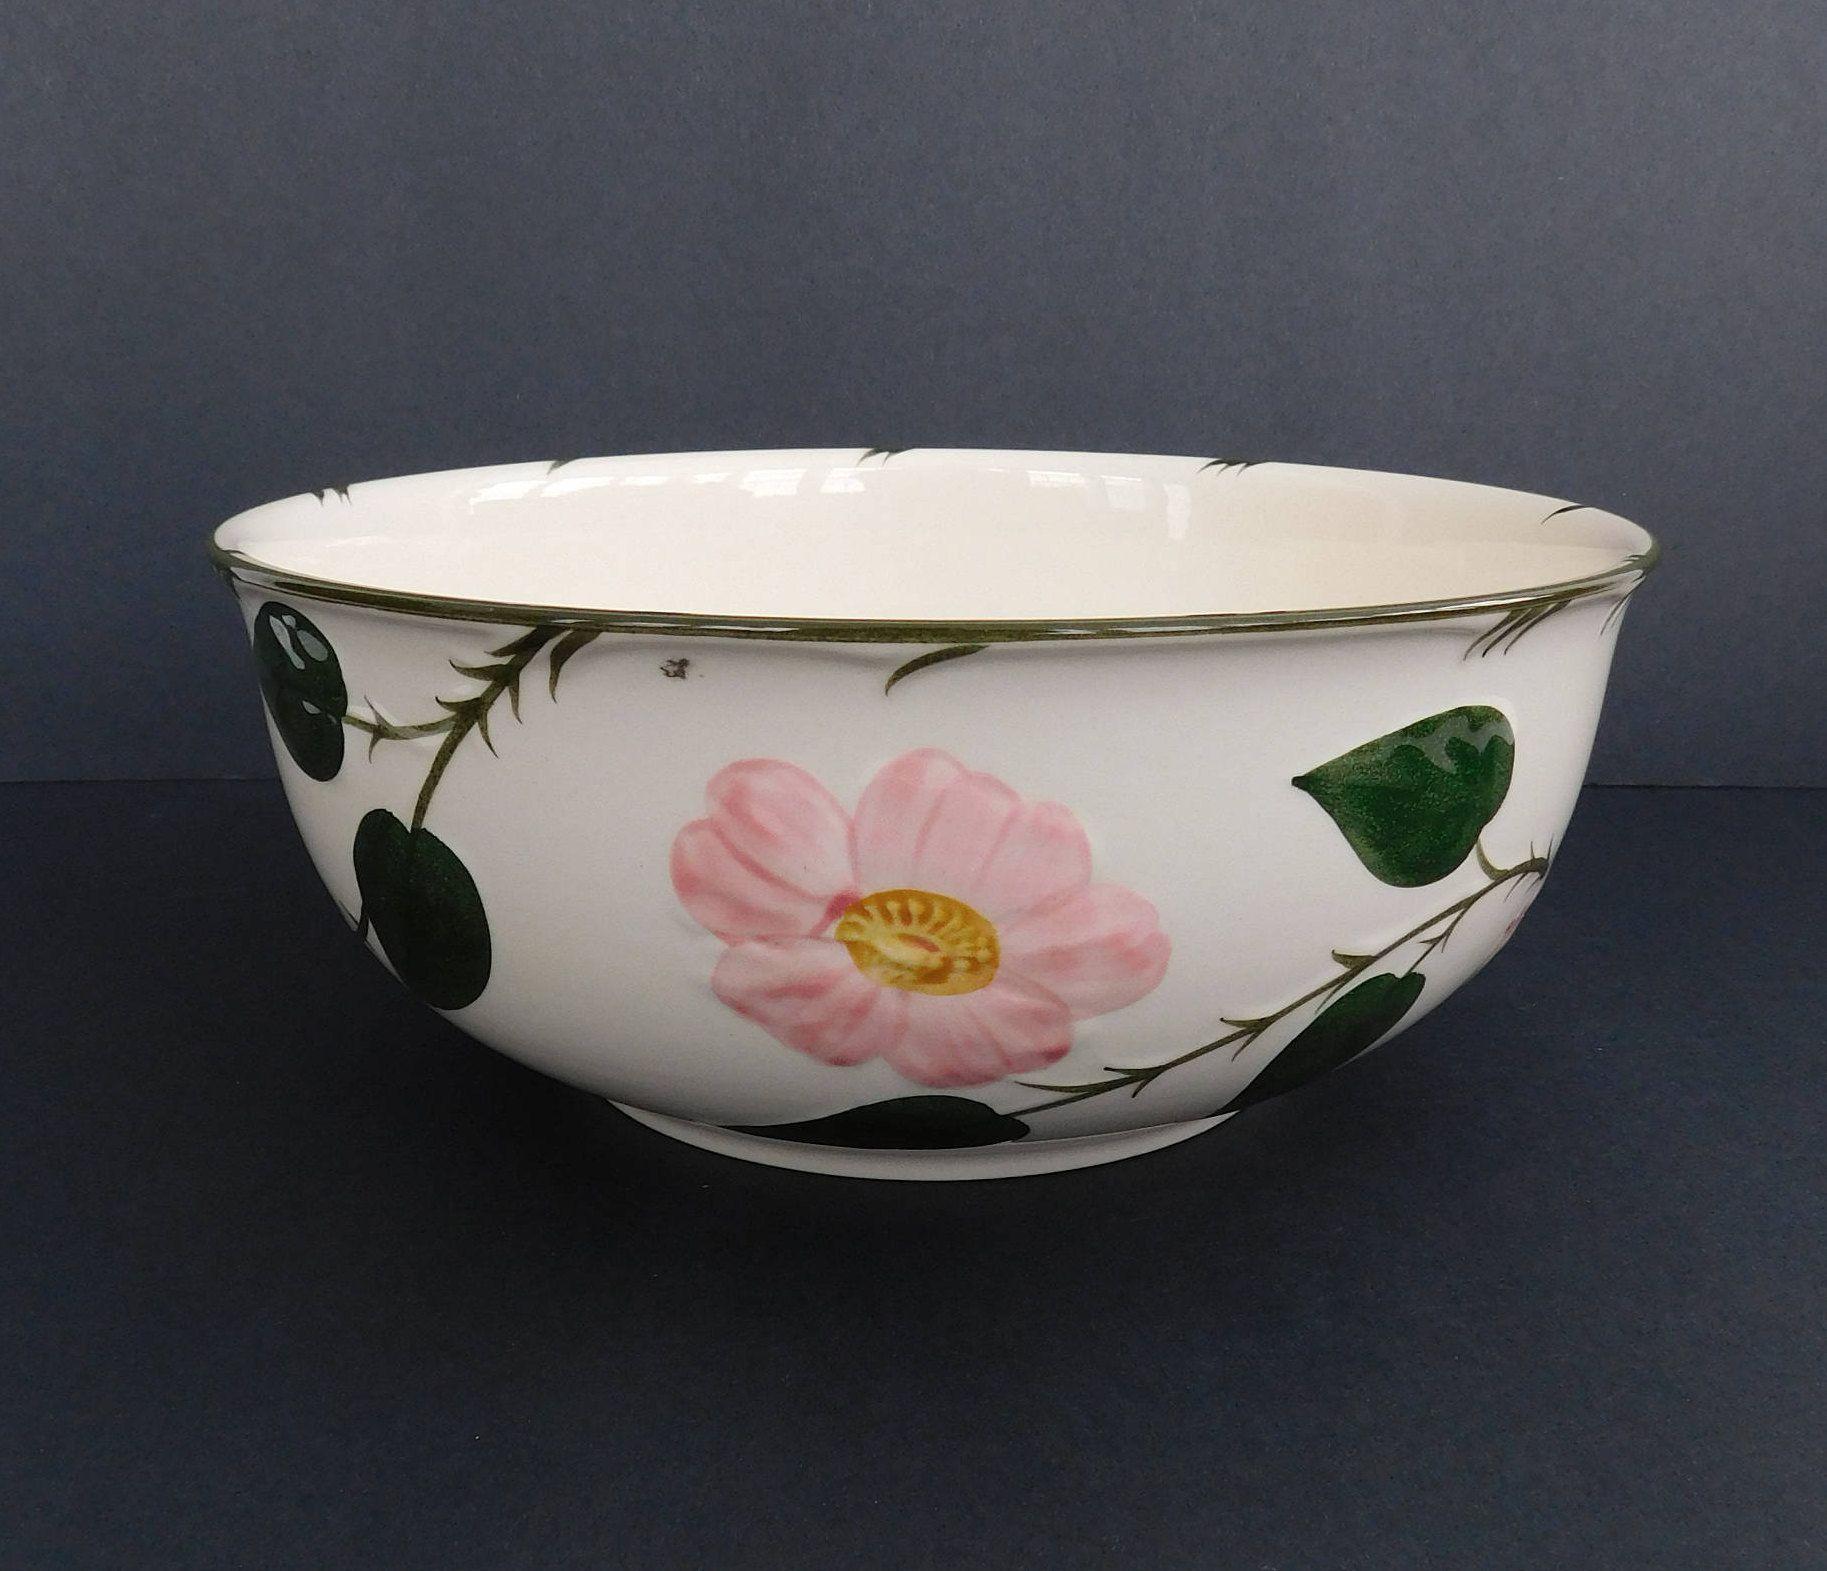 Vintage Villeroy Boch 1748 Wild Rose Vegetable Bowl Roses Serving Bowl Villeroy And Boch Wild Rose Dinnerware Bowl Vegetable Bowl Vintage Dishes